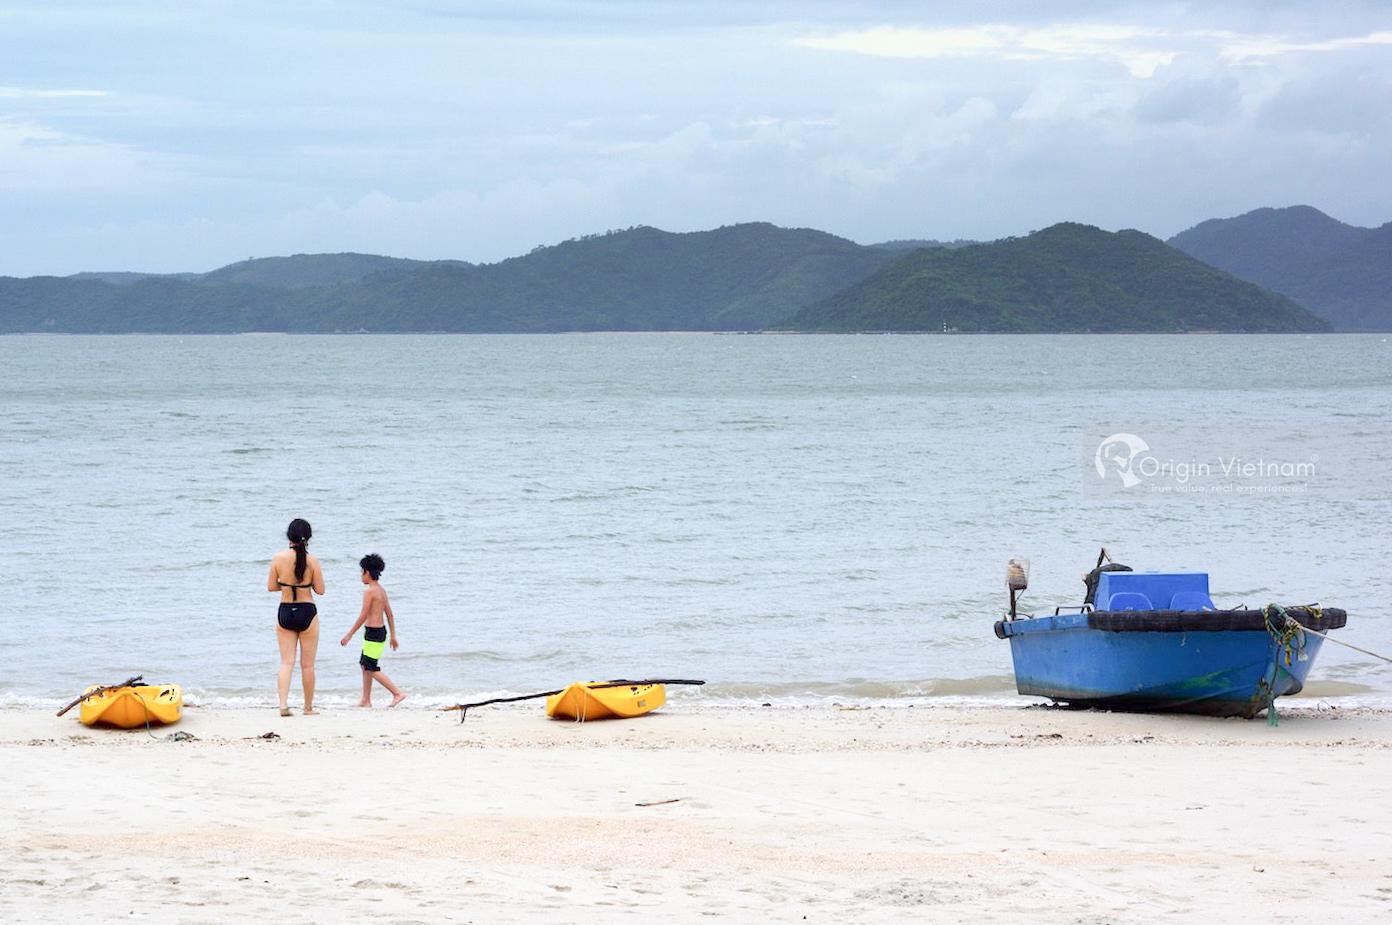 Goi island beach